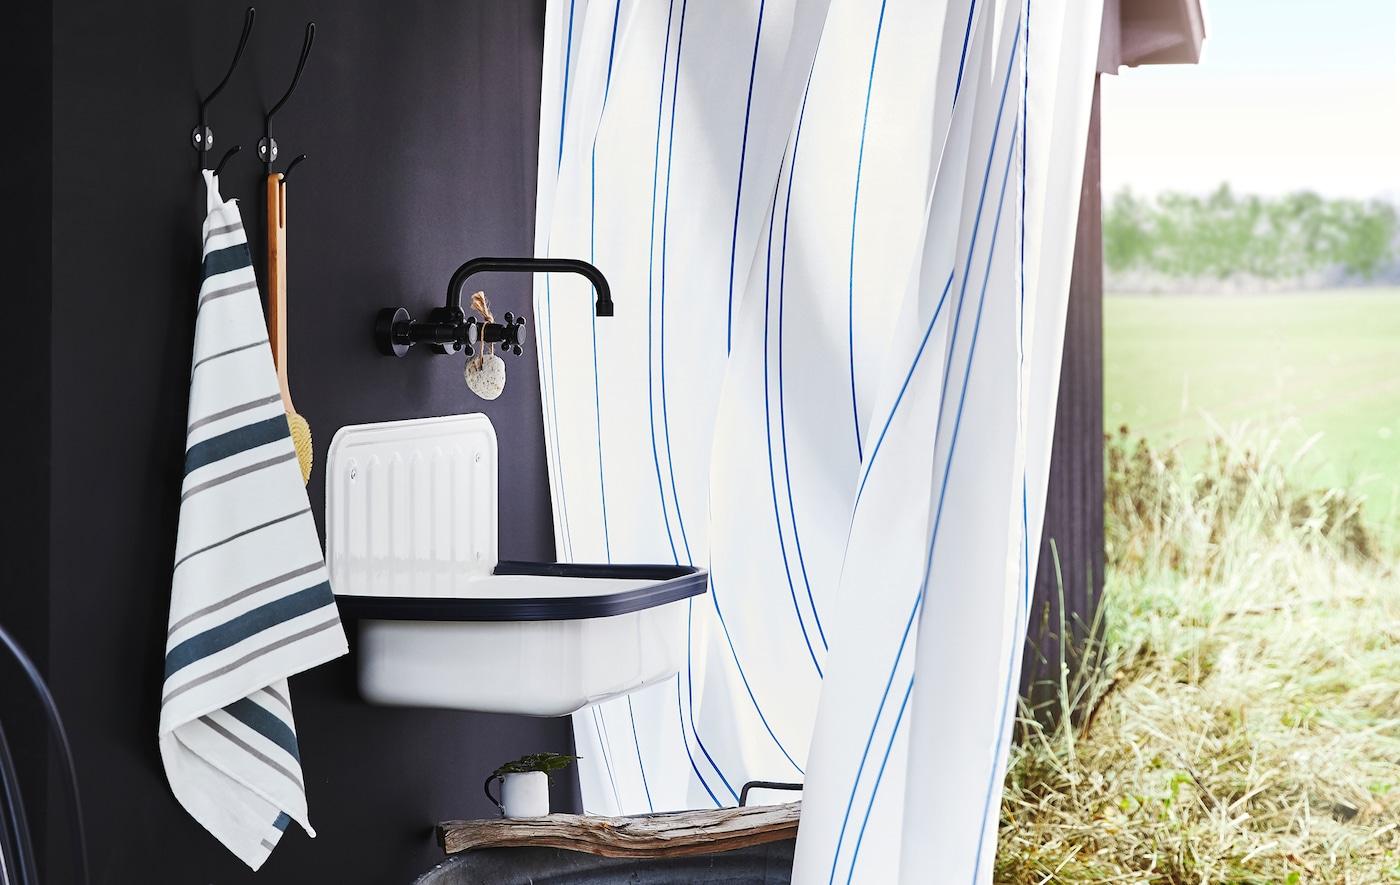 Uma toalha, ganchos, um lavatório e uma torneira numa parede preta, com um campo por trás de uma cortina de duche às riscas.